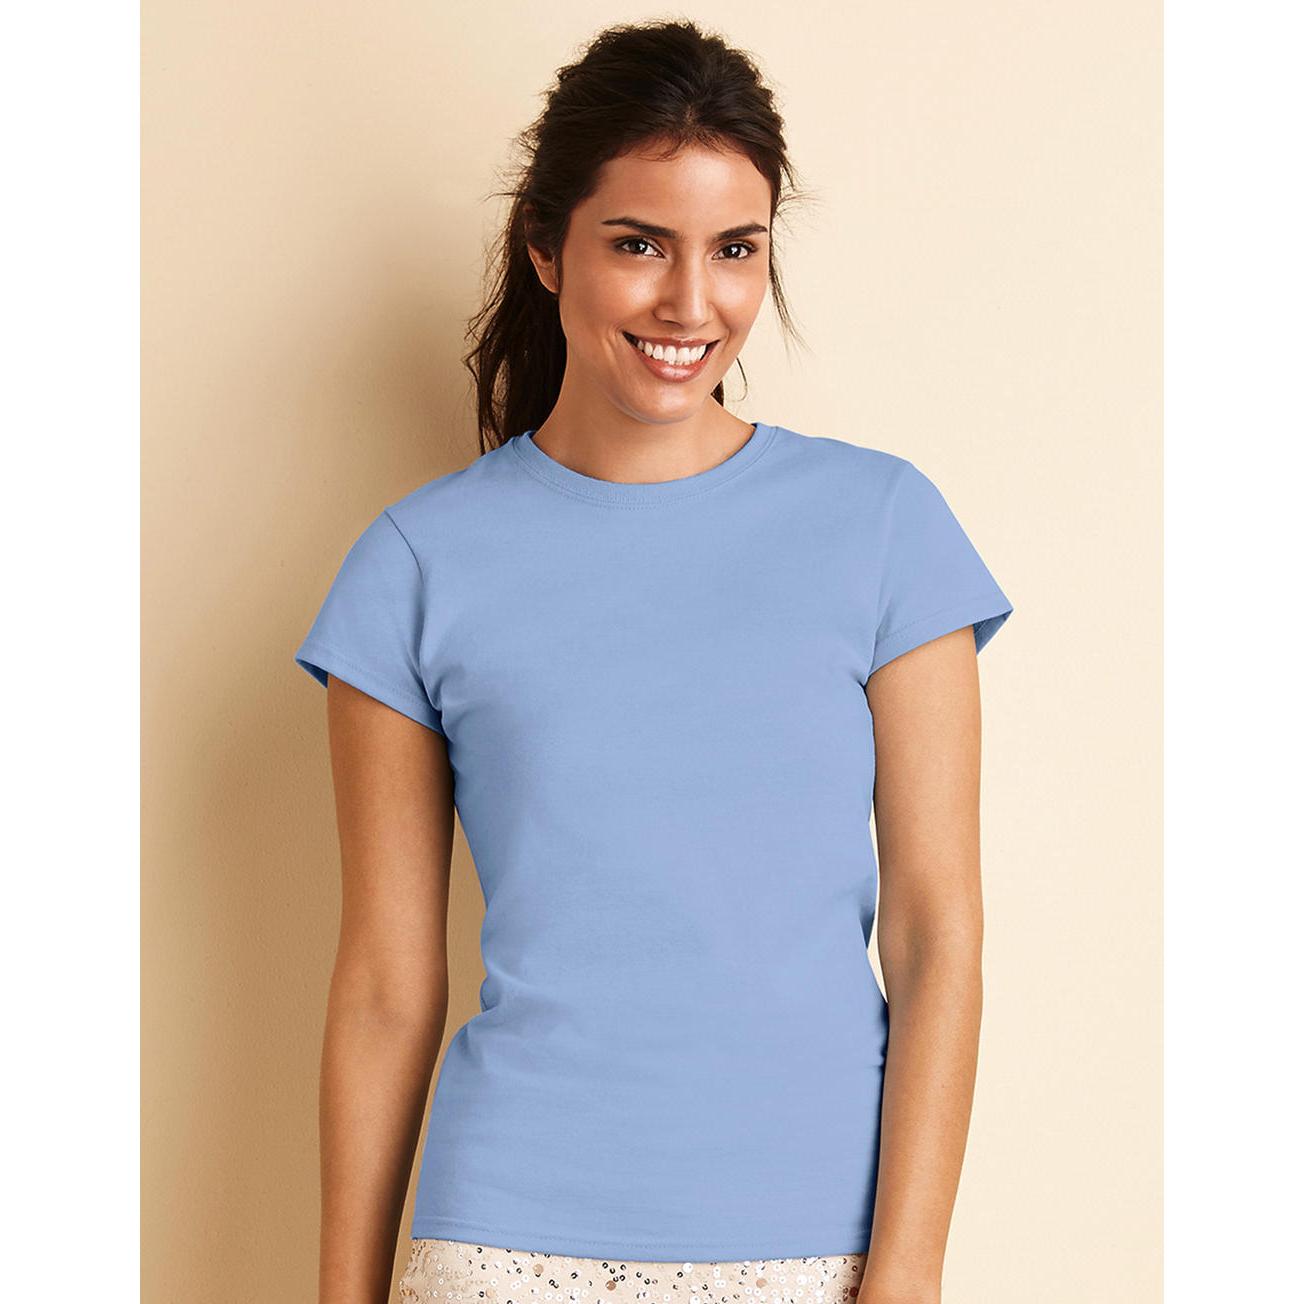 4908a66f998 Gildan Women s Premium Cotton RS T-Shirt - Grace   The Sea